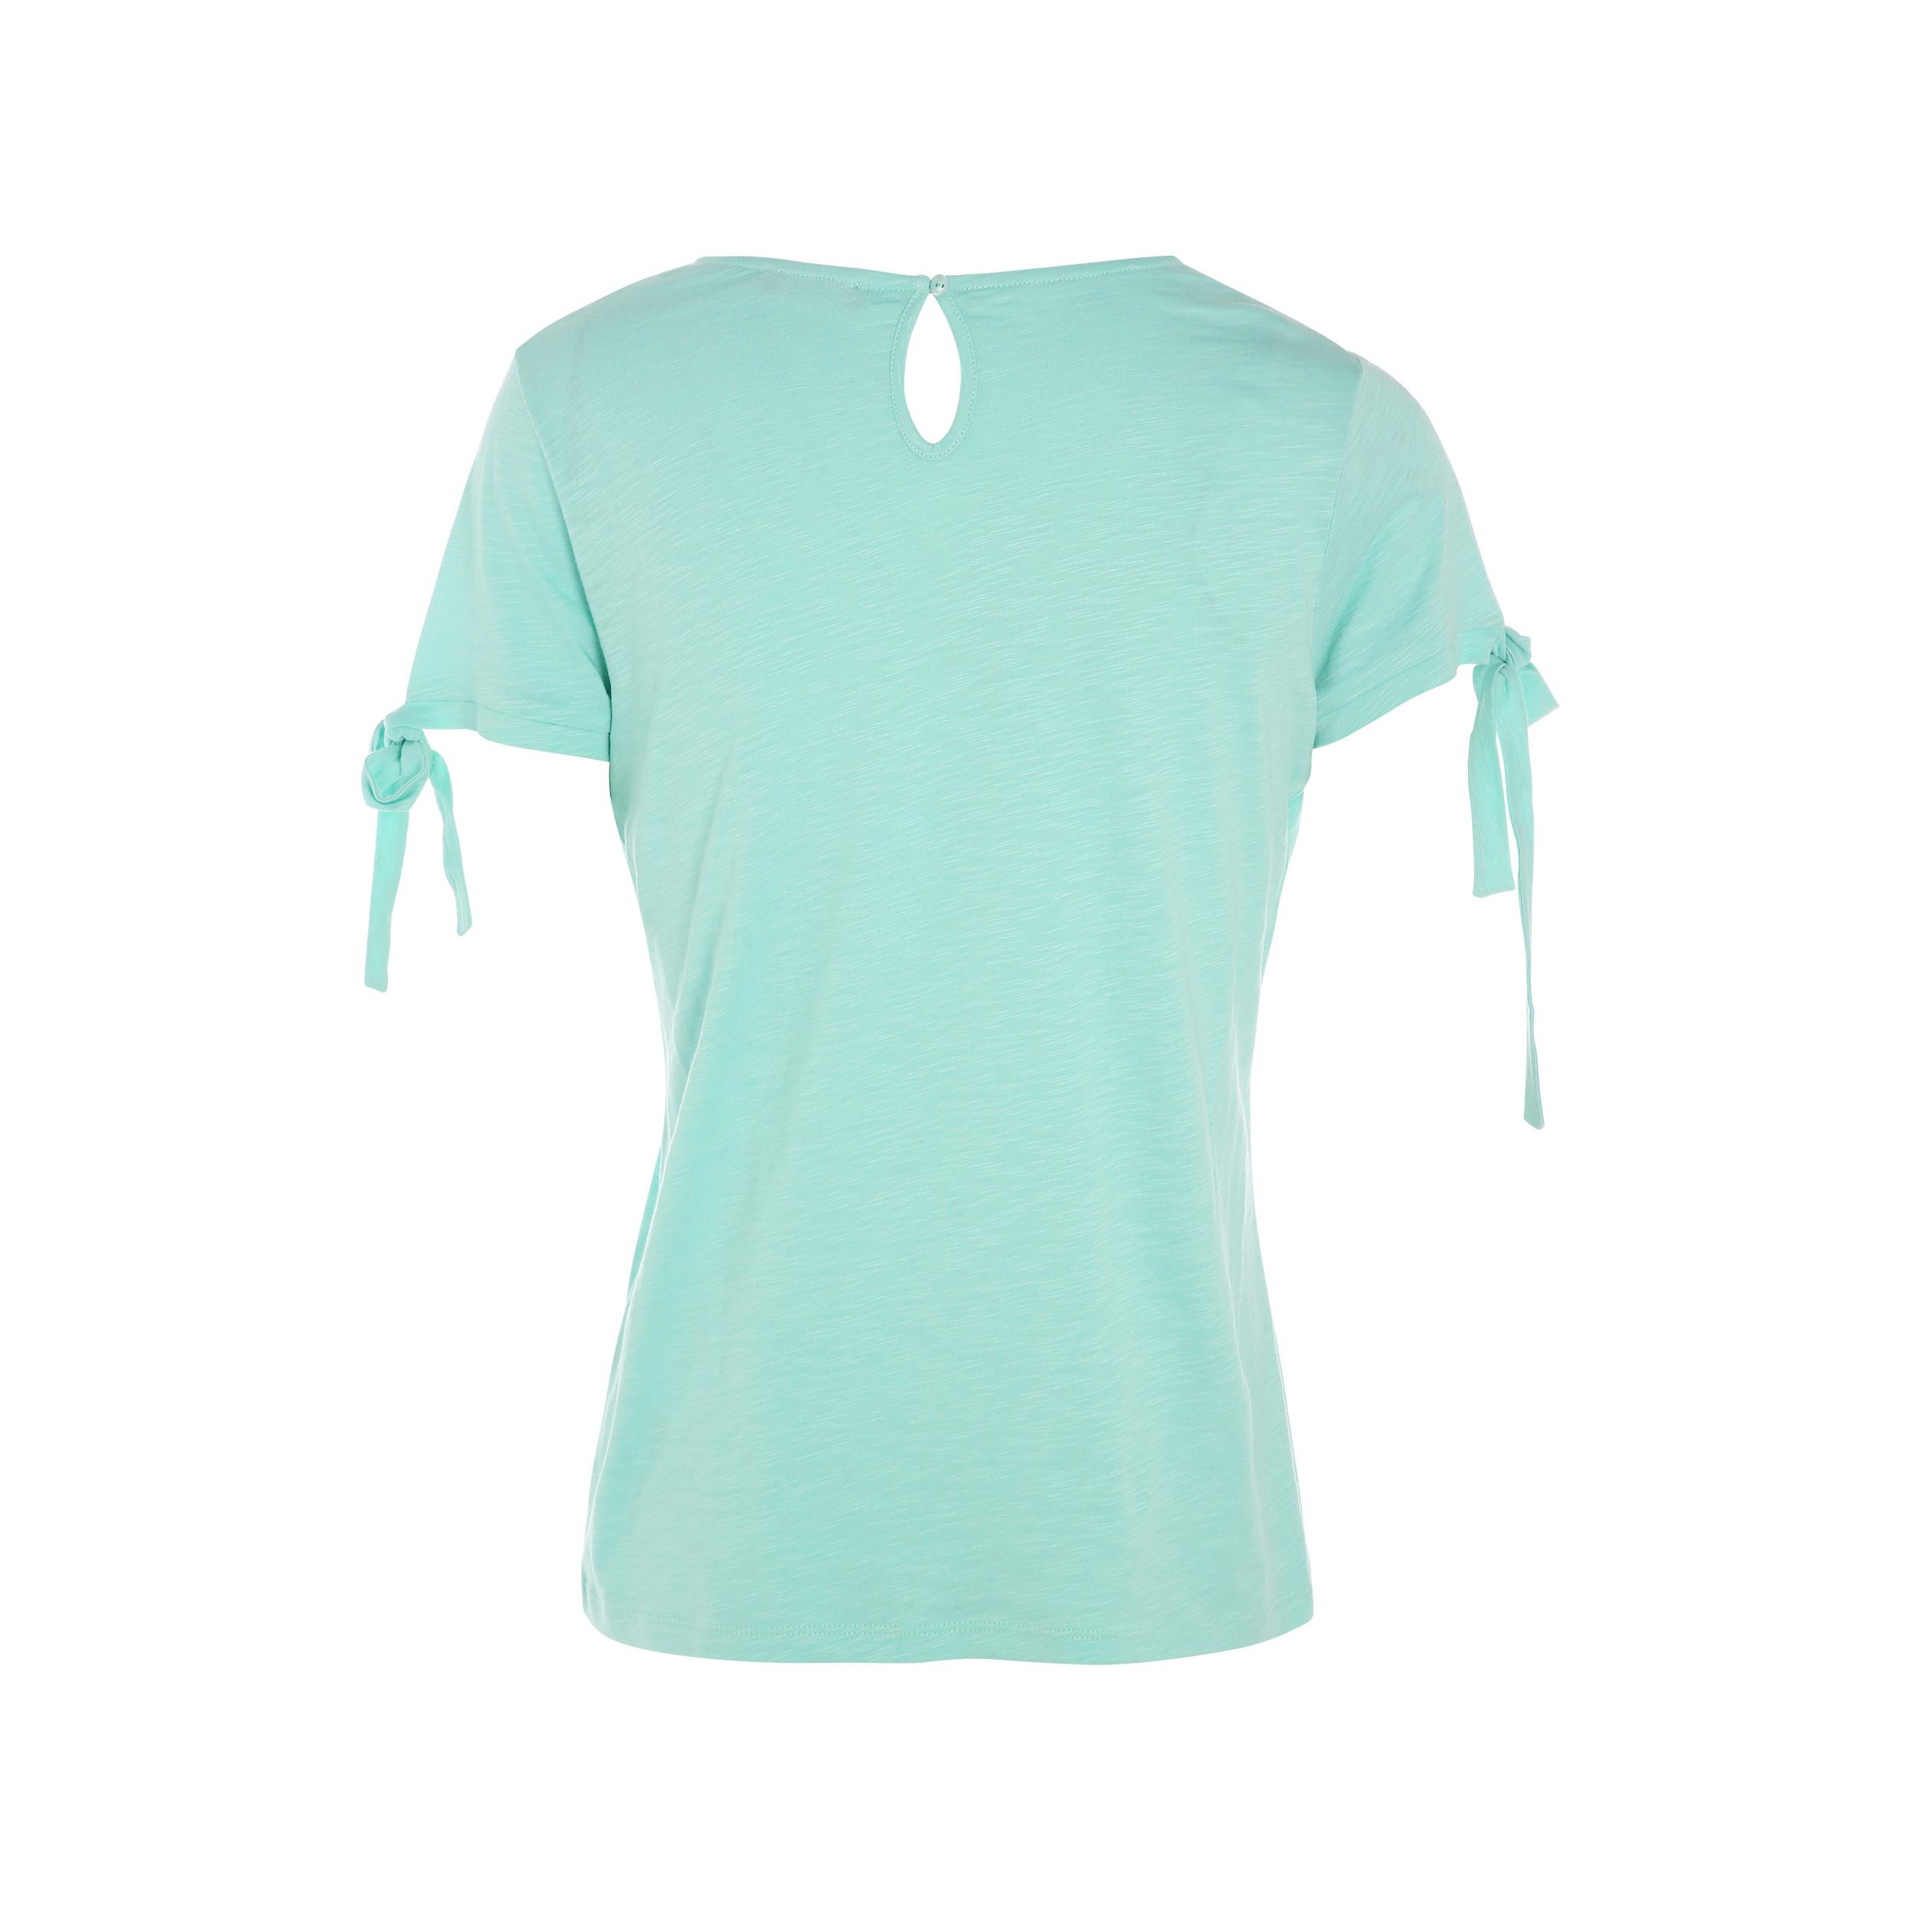 Vert Manches Avec Courtes Shirt T Femme Menthe Noeuds YWIDEH29